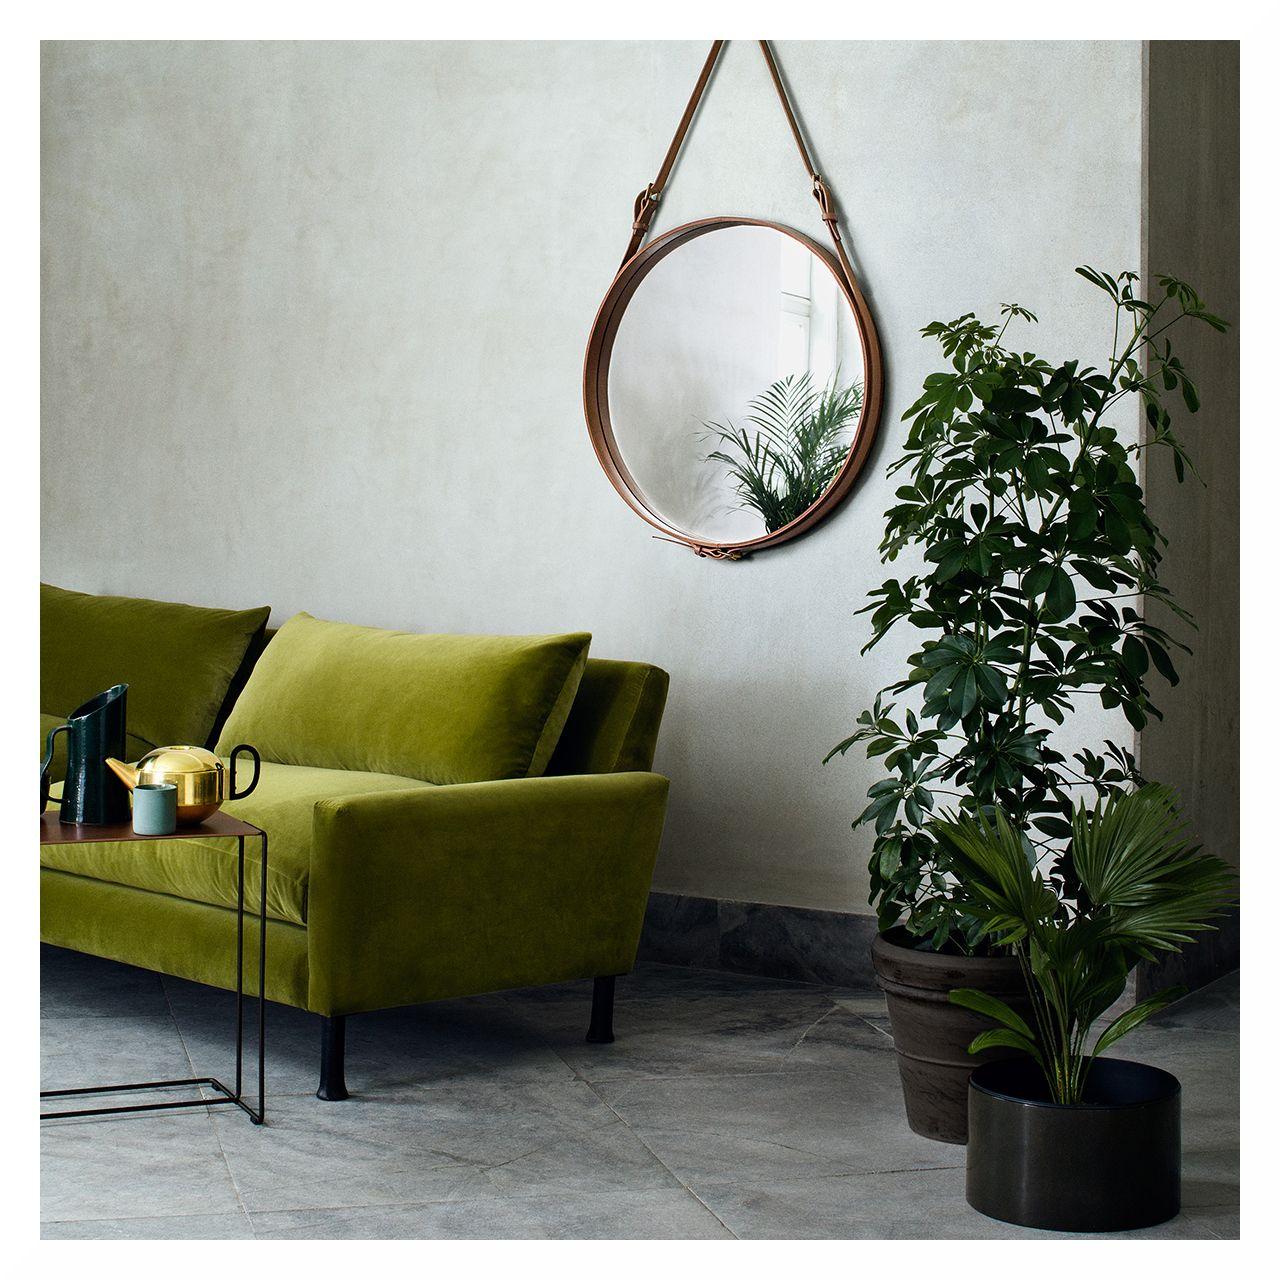 Moderne Spiegel Fr Wohnzimmer. Awesome Interieur And